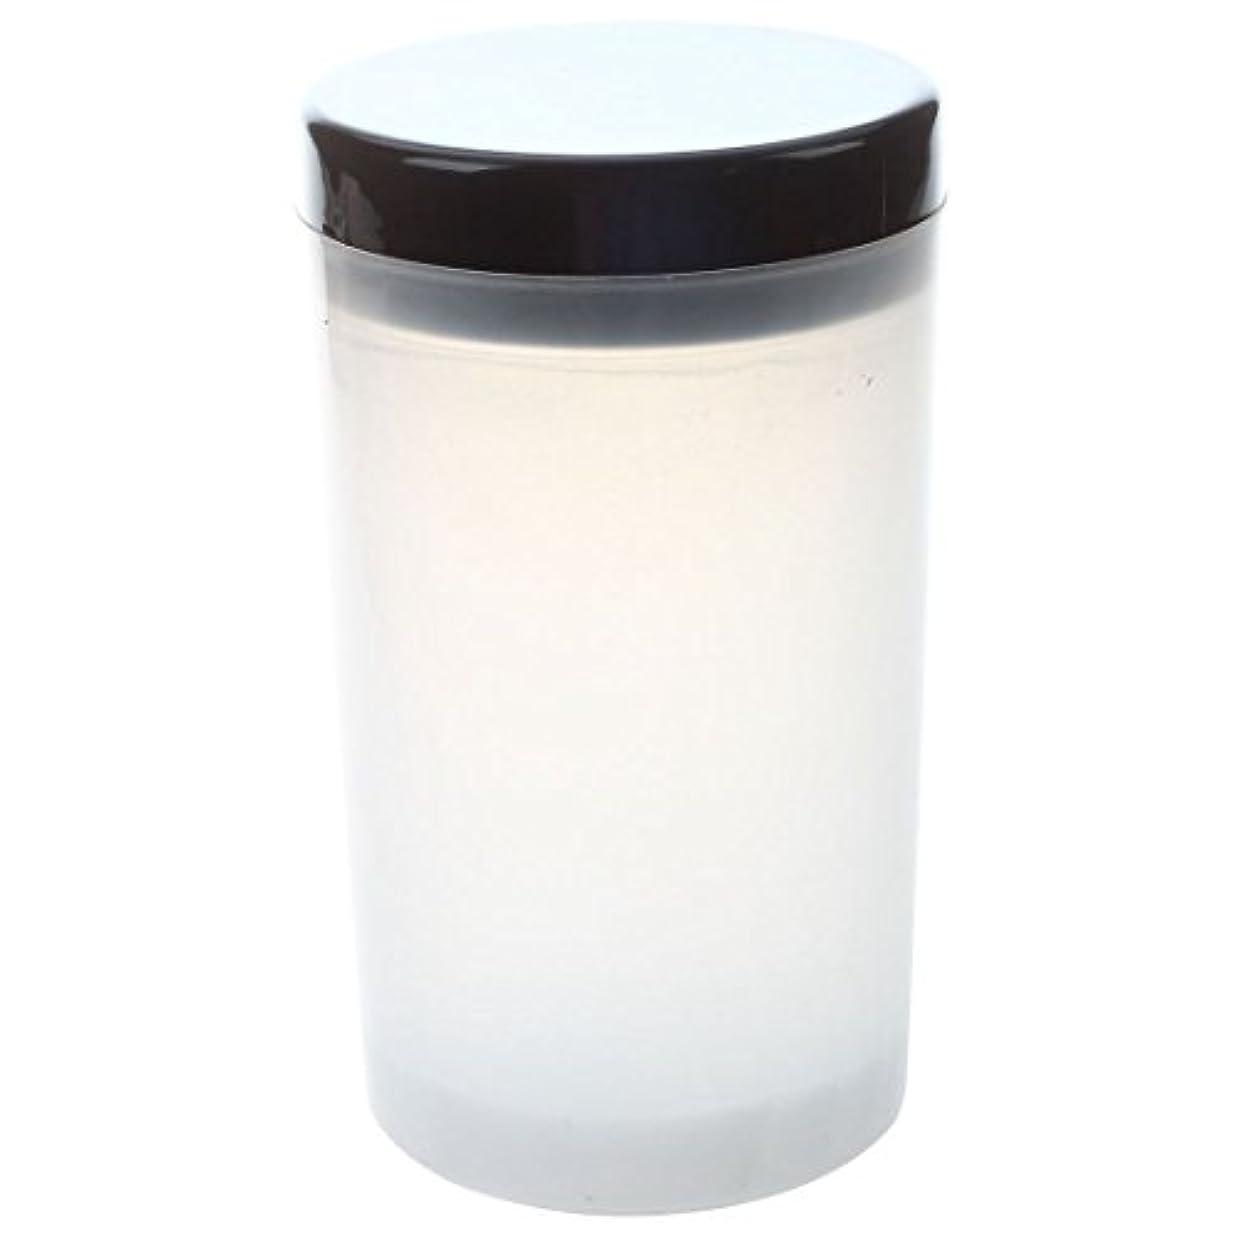 捨てる流行便利Gaoominy ネイルアートチップブラシホルダー リムーバーカップカップ浸漬ブラシ クリーナーボトル